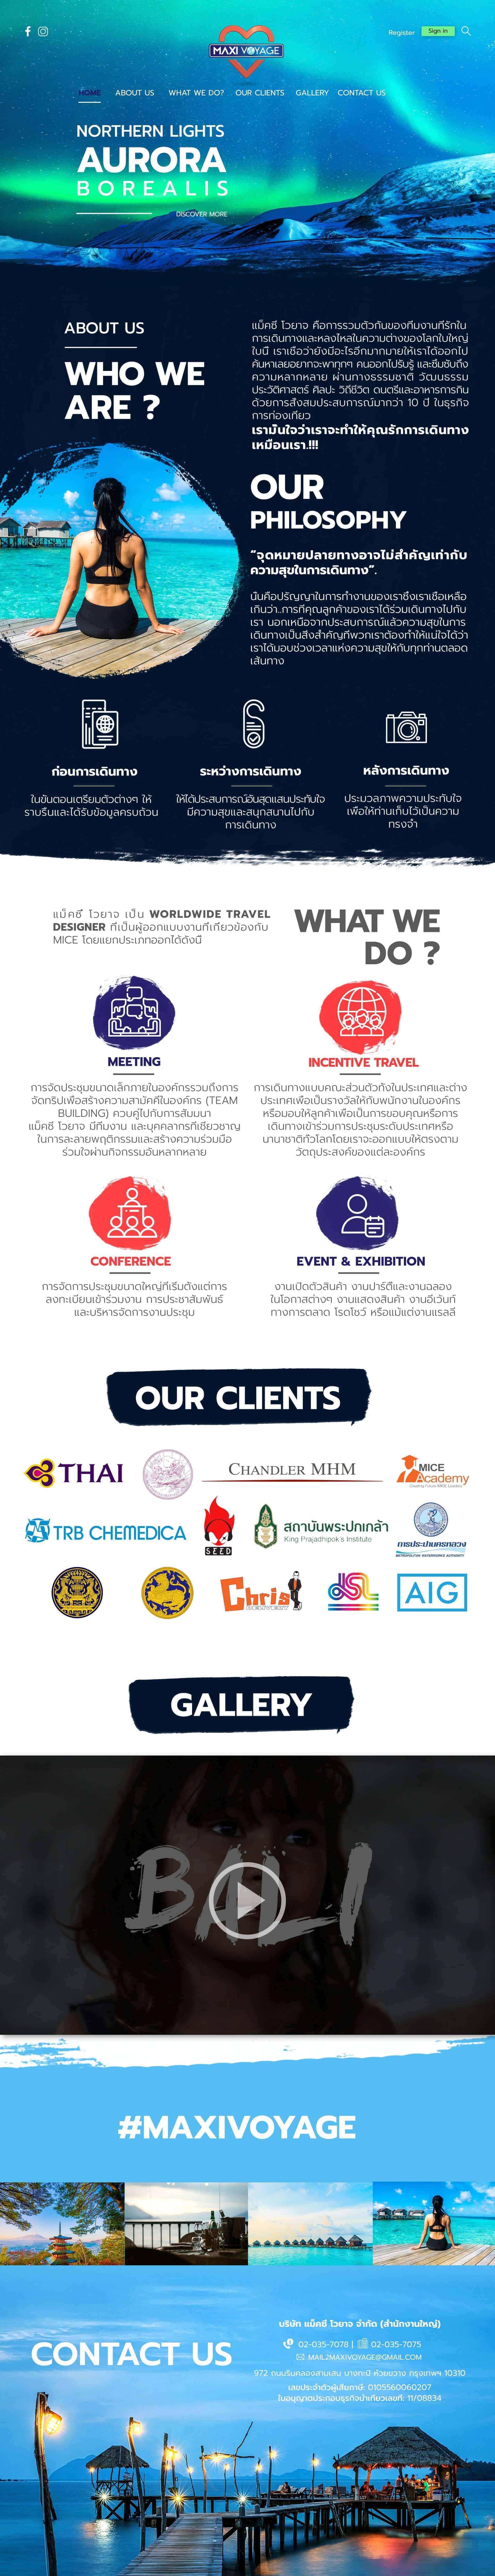 การเดินทาง | บริการรับทำเว็บไซต์ ออกแบบเว็บไซต์ teeneeweb.com